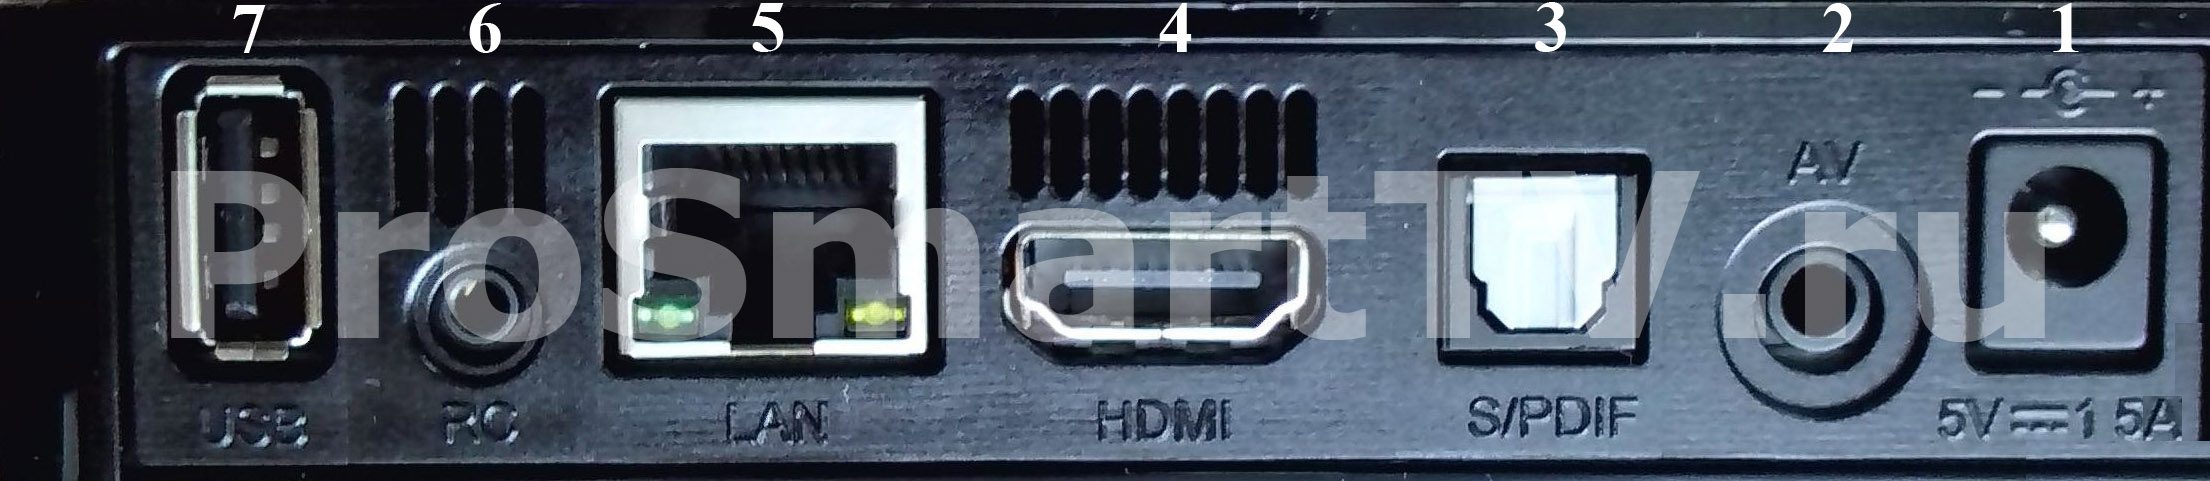 Разъёмы приставки MAG-250 Ростелеком, задняя панель